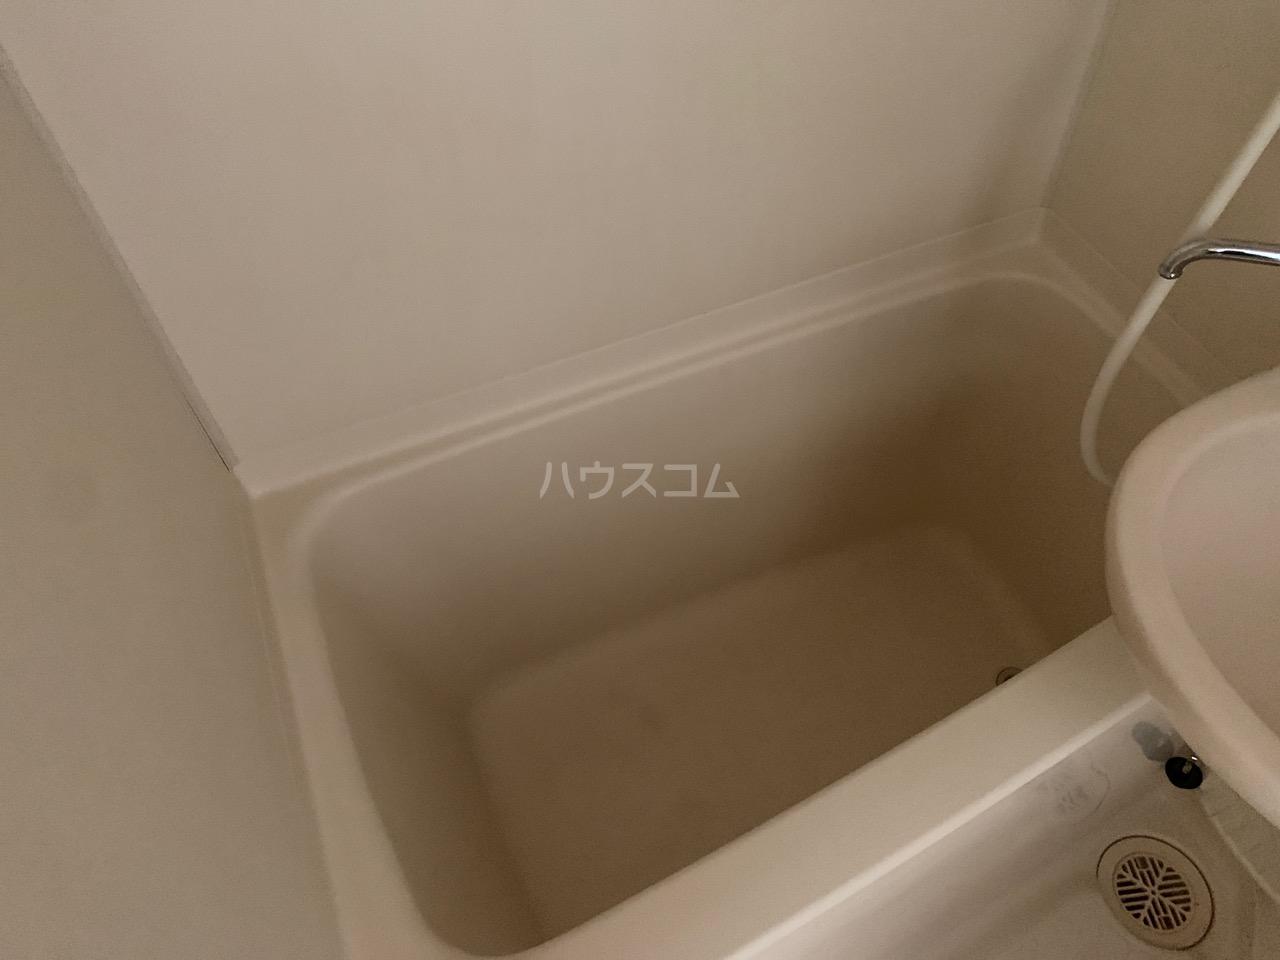 DSハウス 202号室の風呂